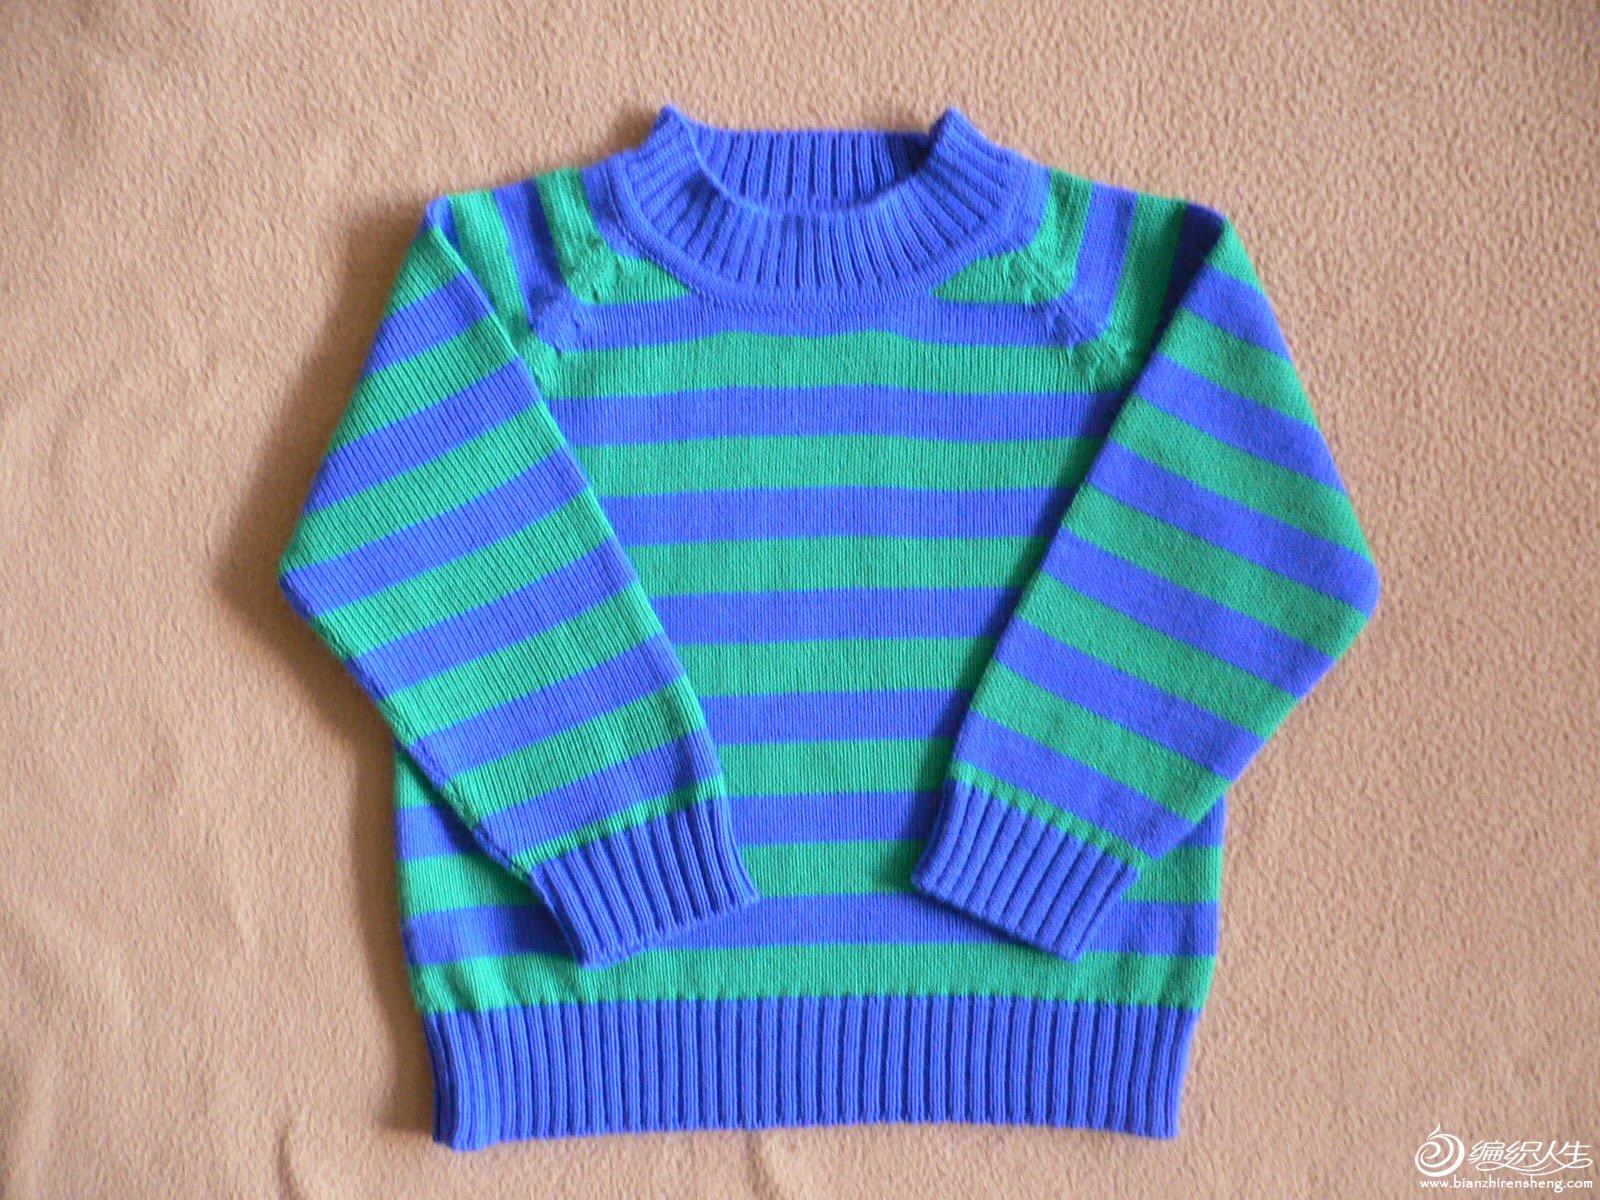 宝蓝+绿色 衣长37 袖长37 胸围32*2